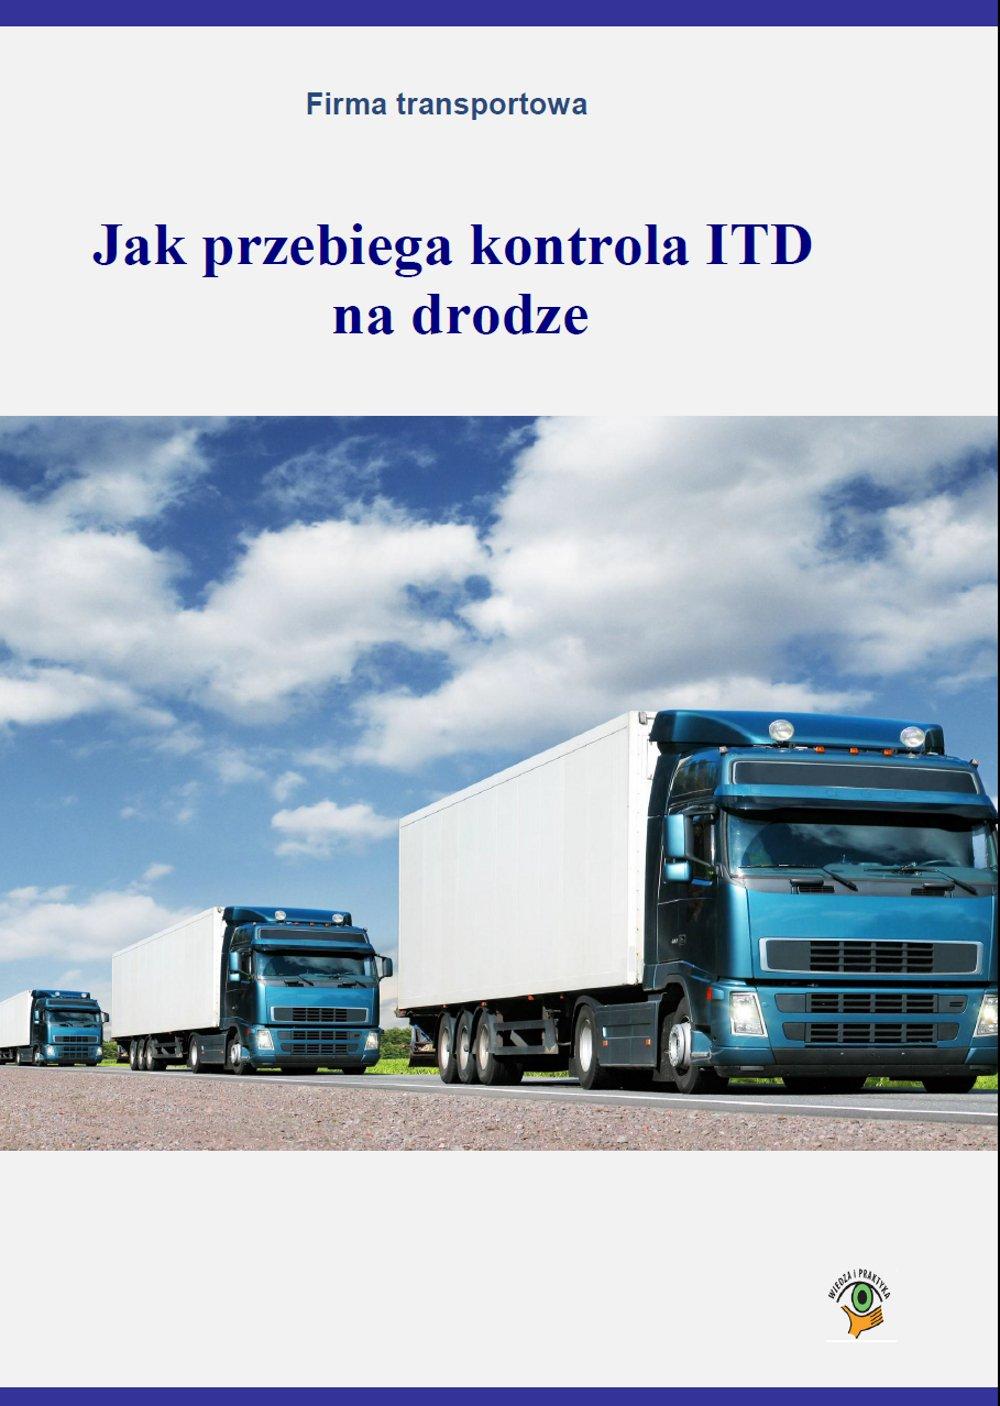 Jak przebiega kontrola ITD na drodze - Ebook (Książka PDF) do pobrania w formacie PDF